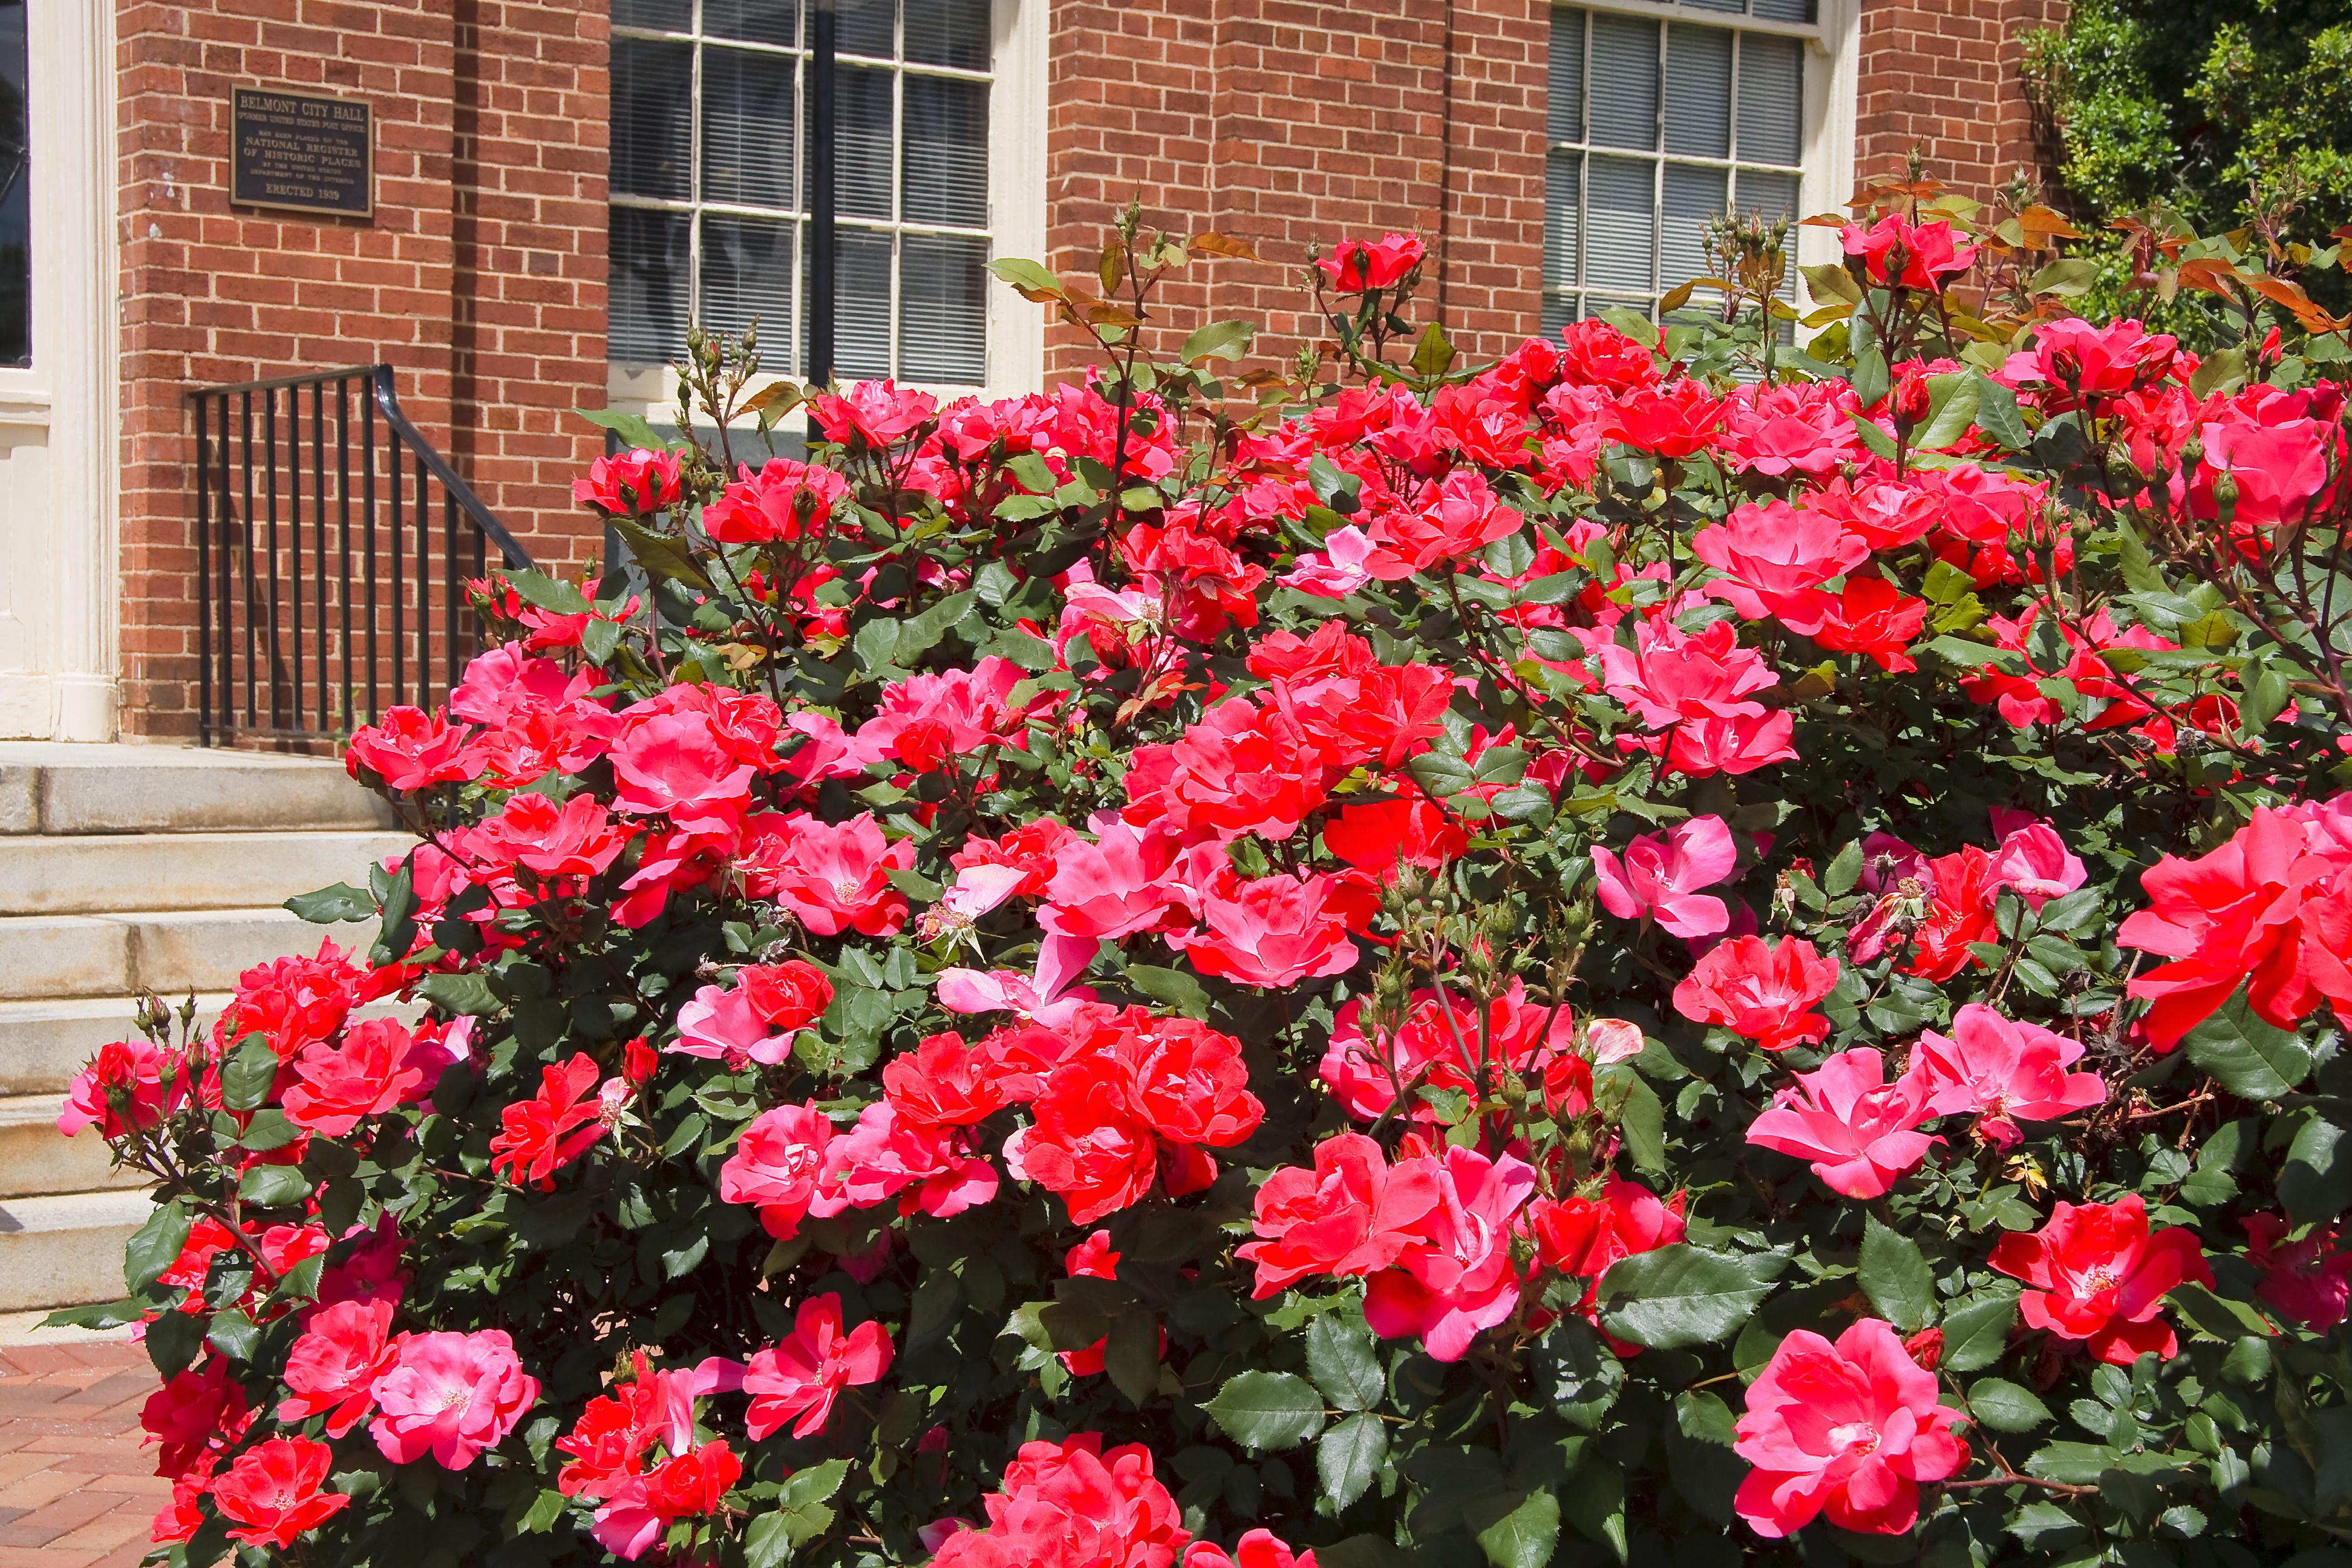 pink roses symbolize